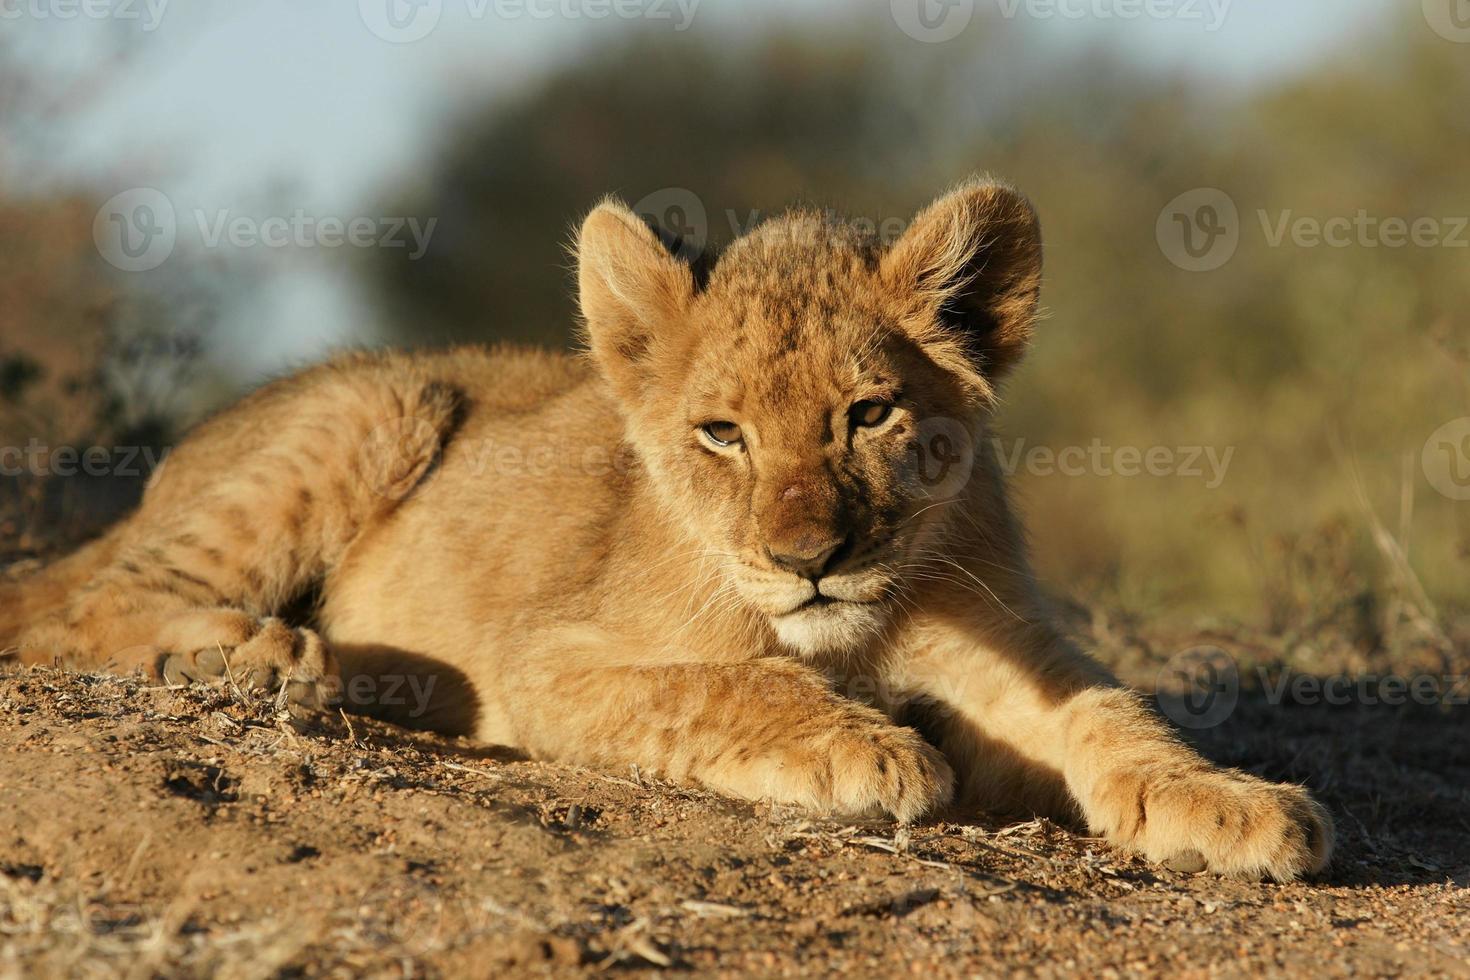 ritratto di un cucciolo di leone foto